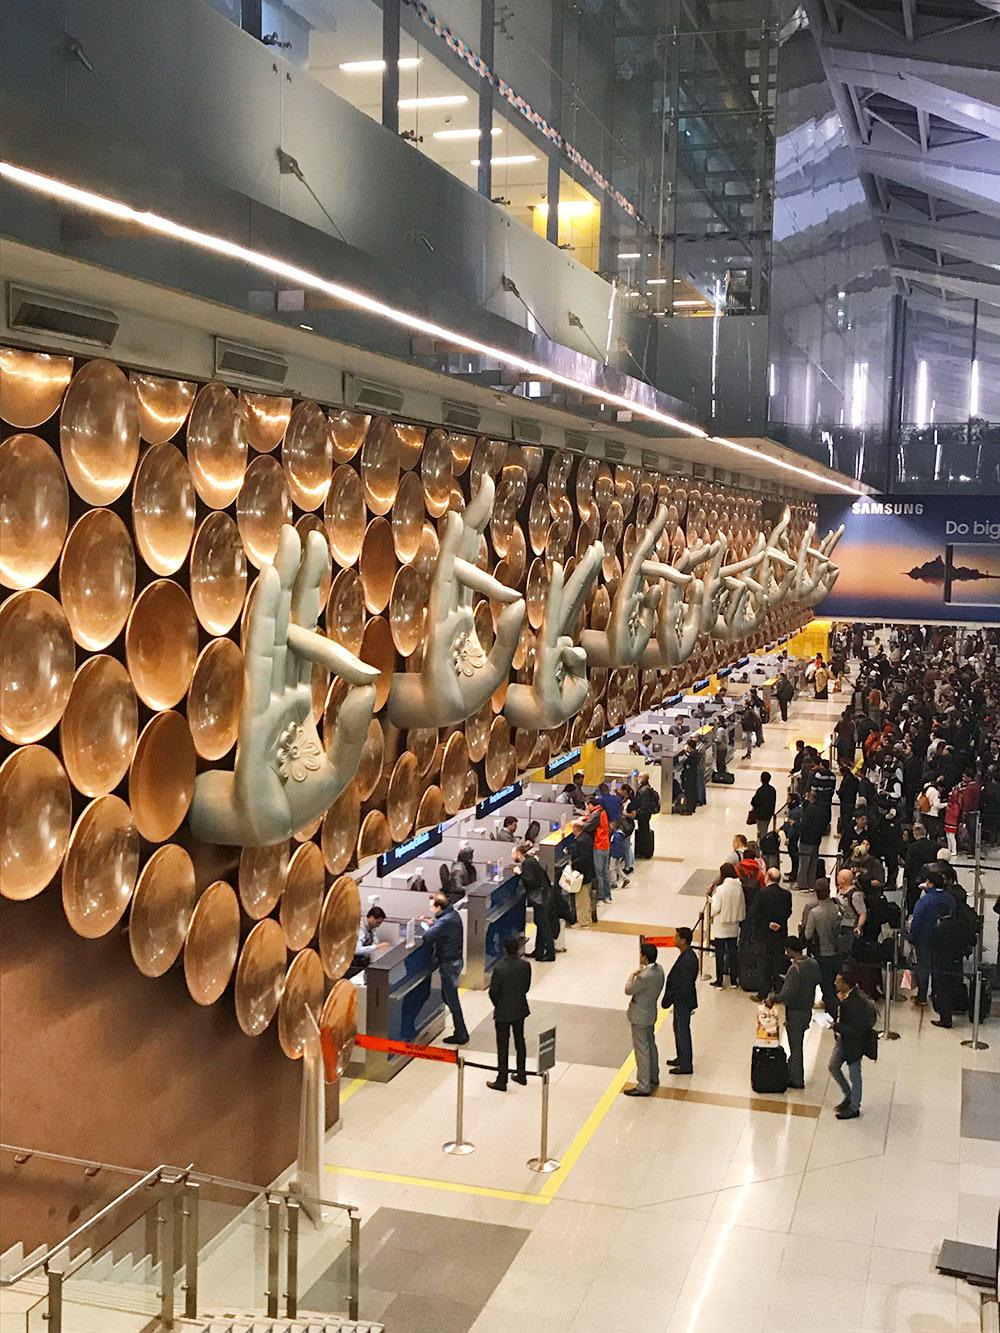 В аэропорту имени Индиры Ганди в Дели на стене есть огромные мудры — пальцы рук, сложенные в жесте благословения